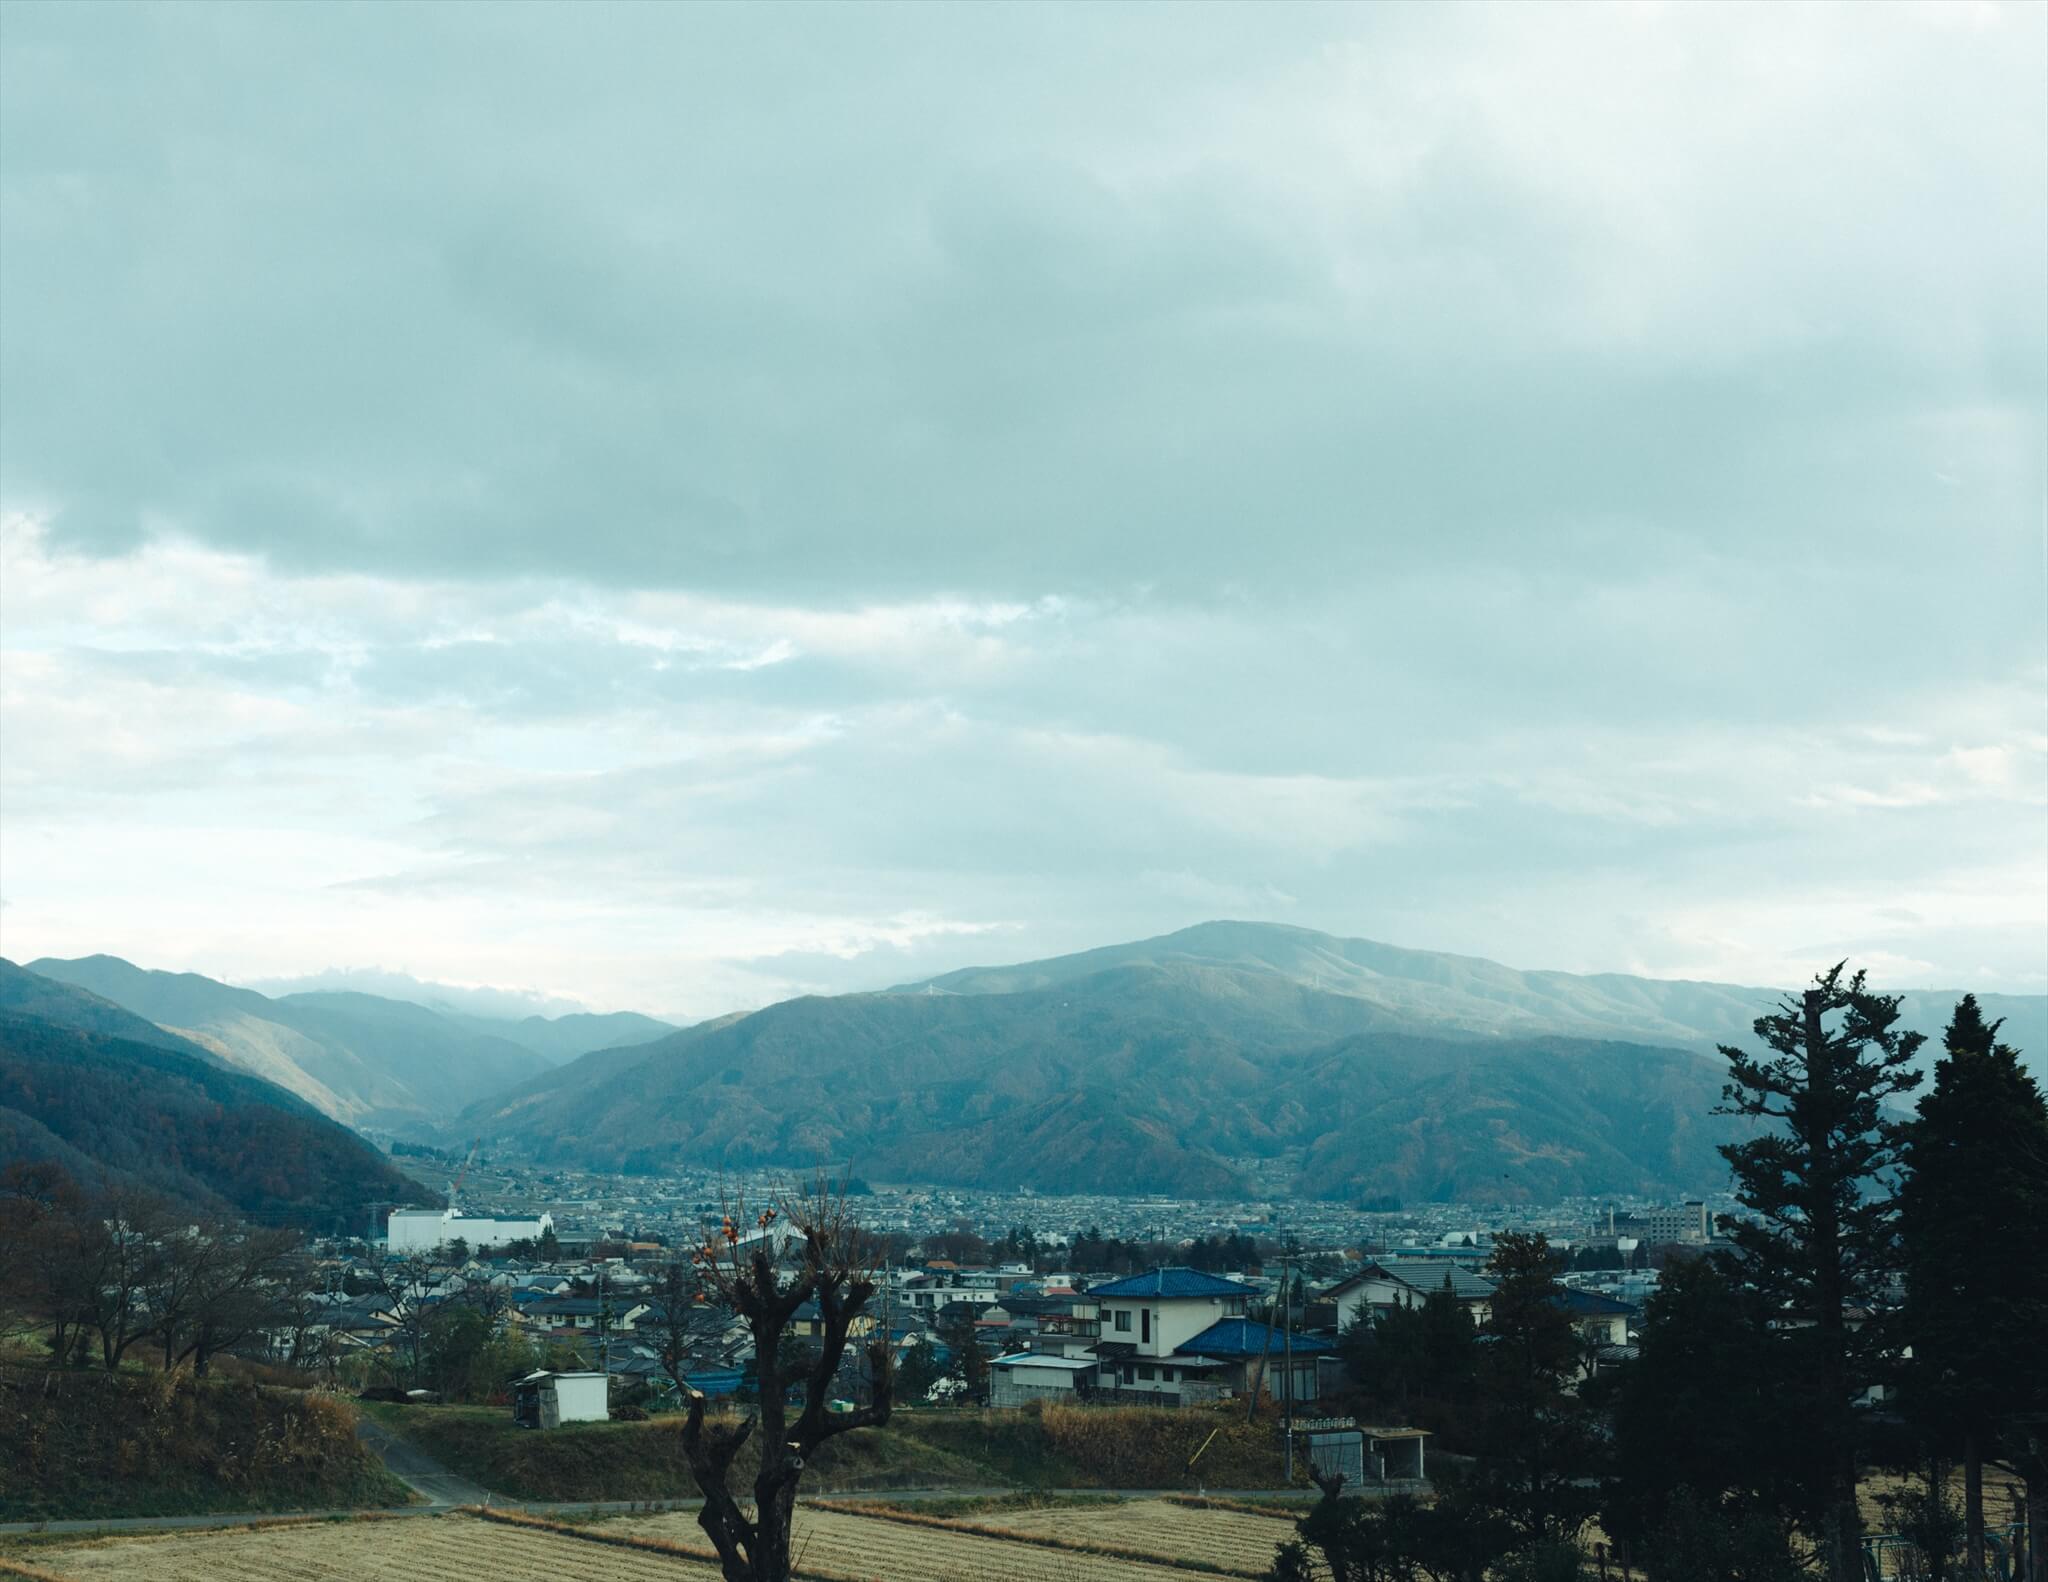 長野県松本市の遠景